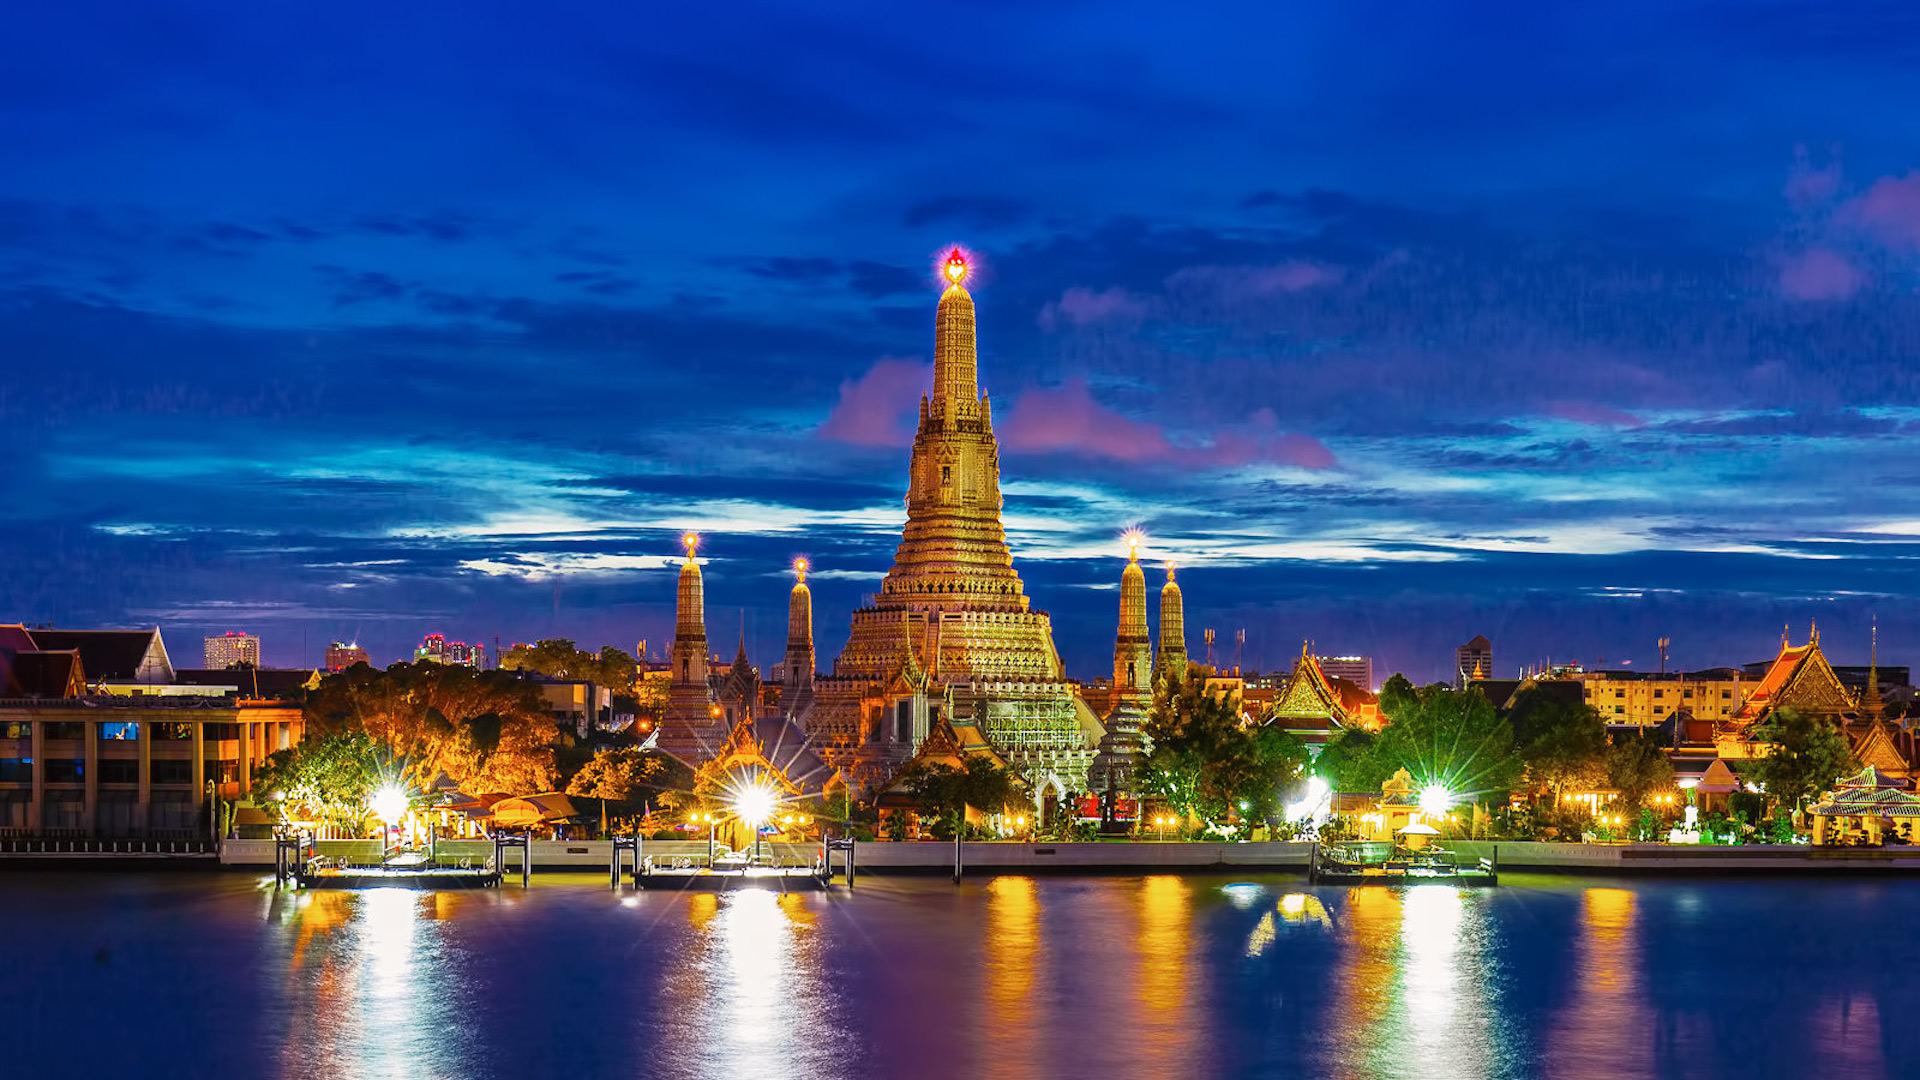 ¿Planeando un viaje? Estos son los destinos más visitados del mundo